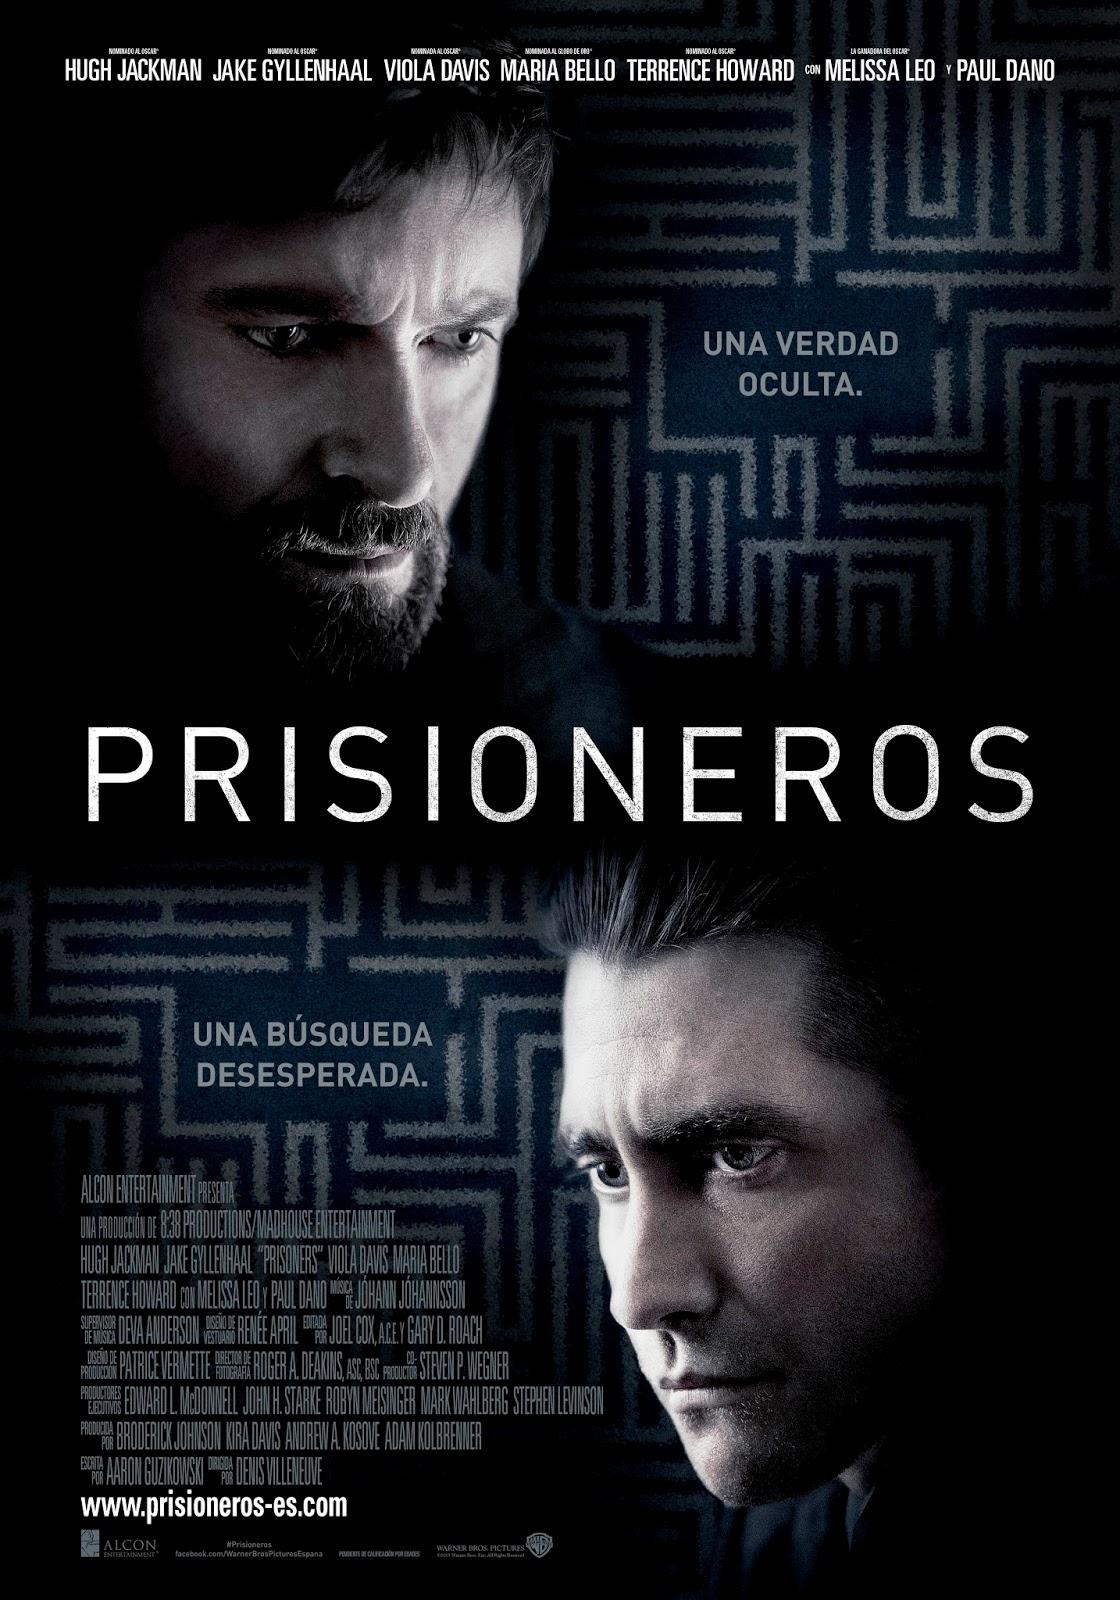 Prisoners prisioneros 2013 pelicula hd online